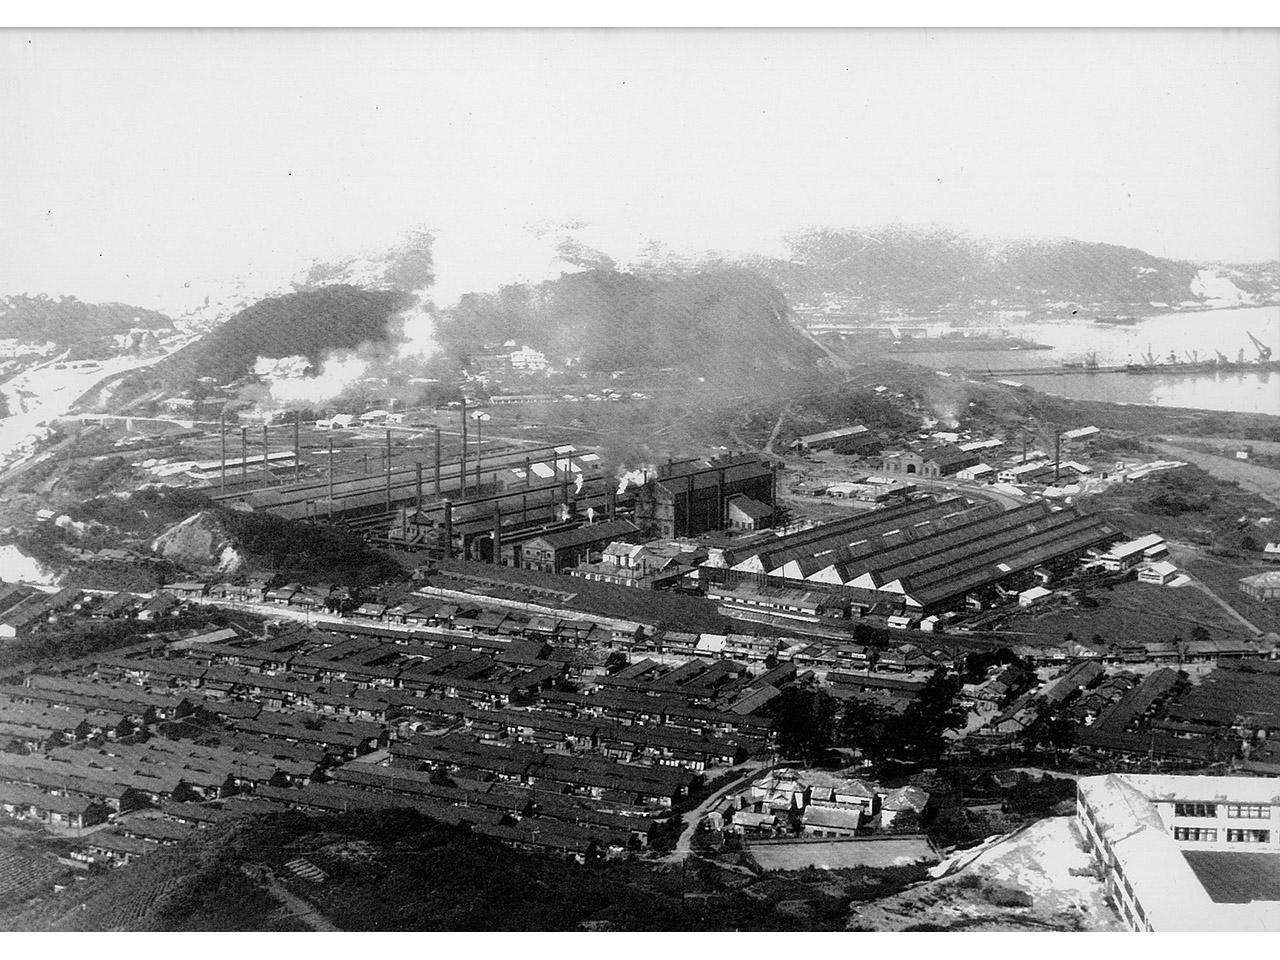 画像:工場景観と企業城下町のまちなみ(6)